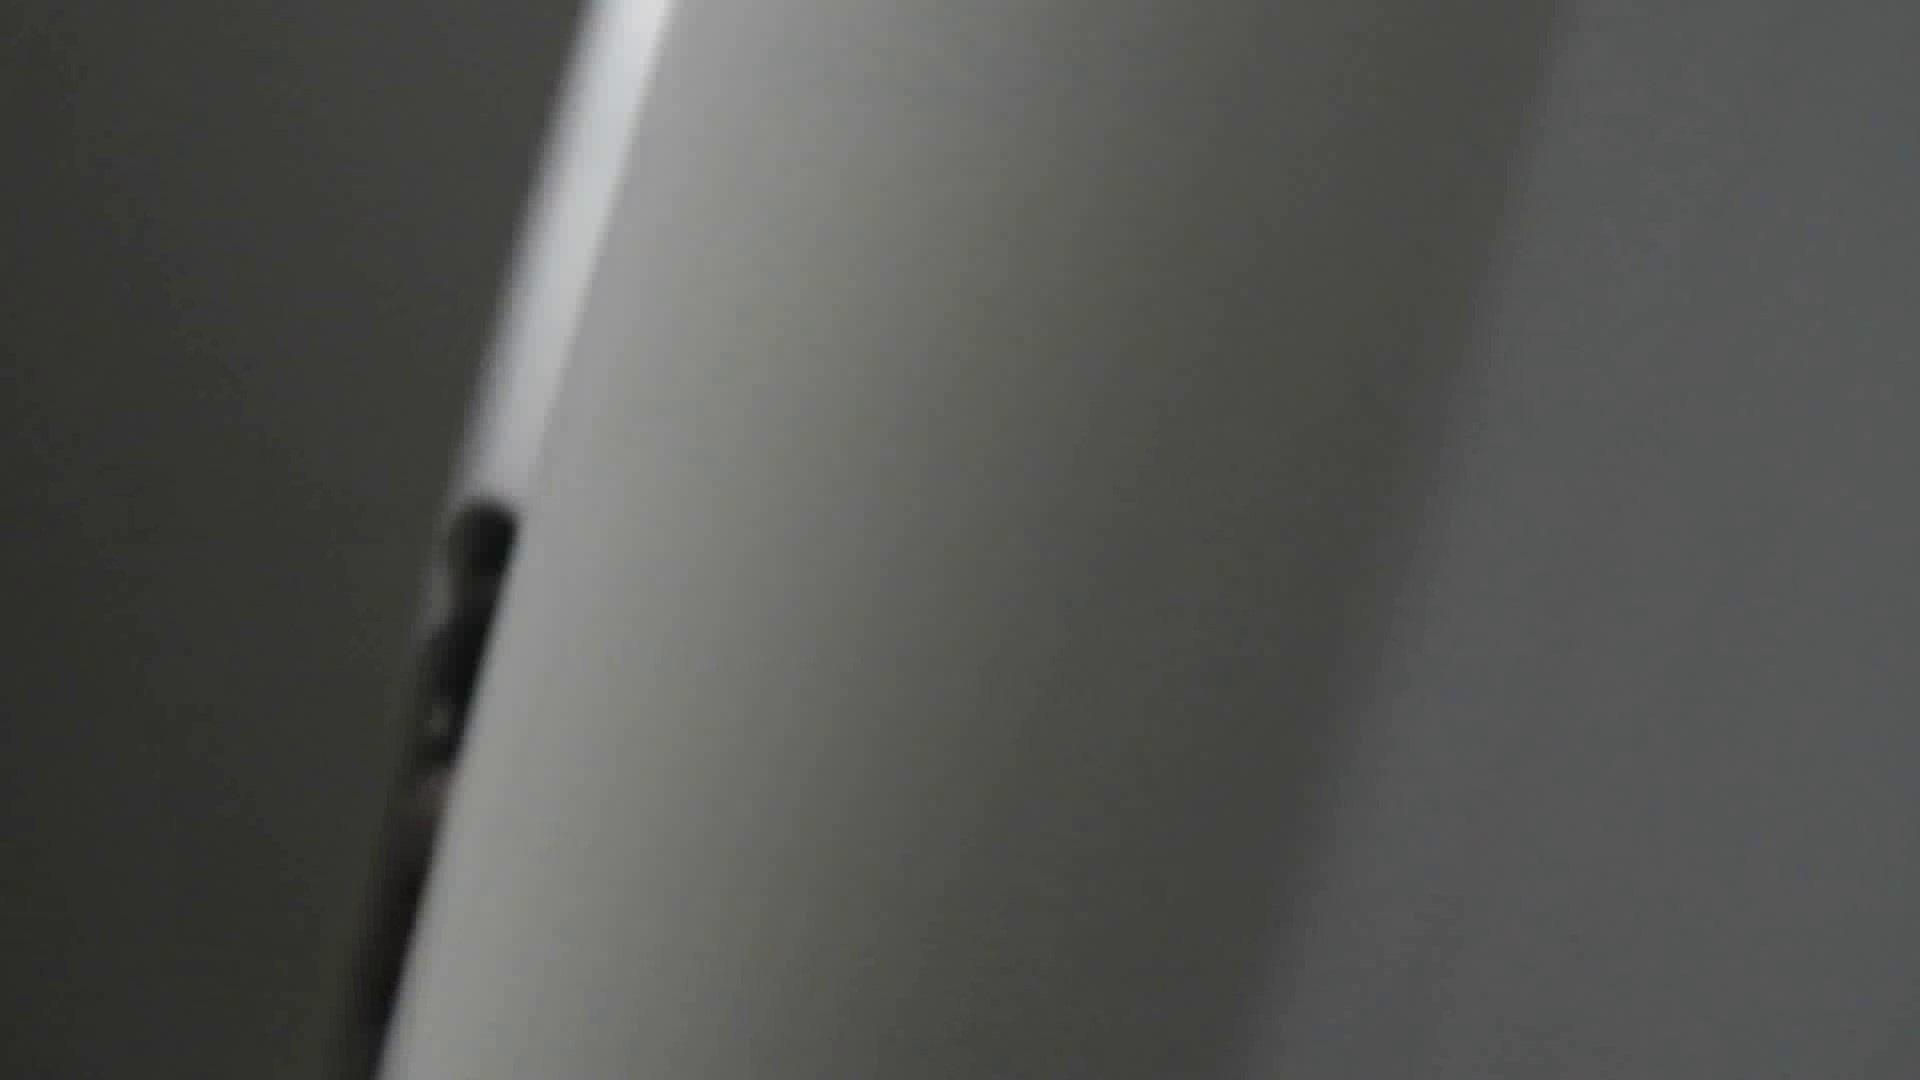 vol.02 着替えシーンもありマス 高画質動画 AV無料動画キャプチャ 109画像 6